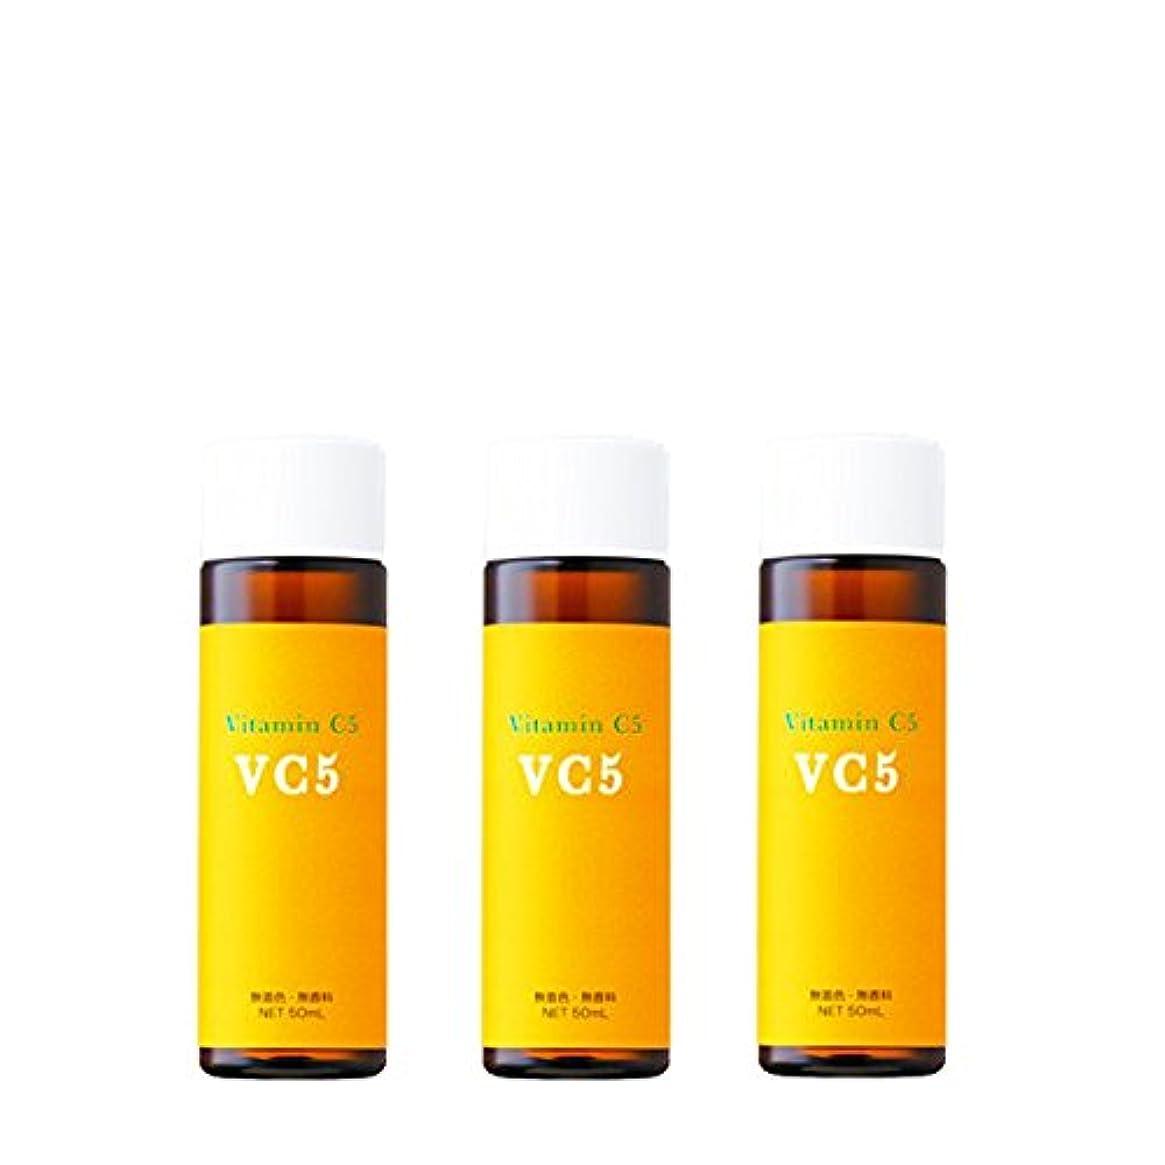 クルー利得災害エビス化粧品(EBiS) Cエッセンス 50ml(ビタミンC 5%美容液) 【3本セット】